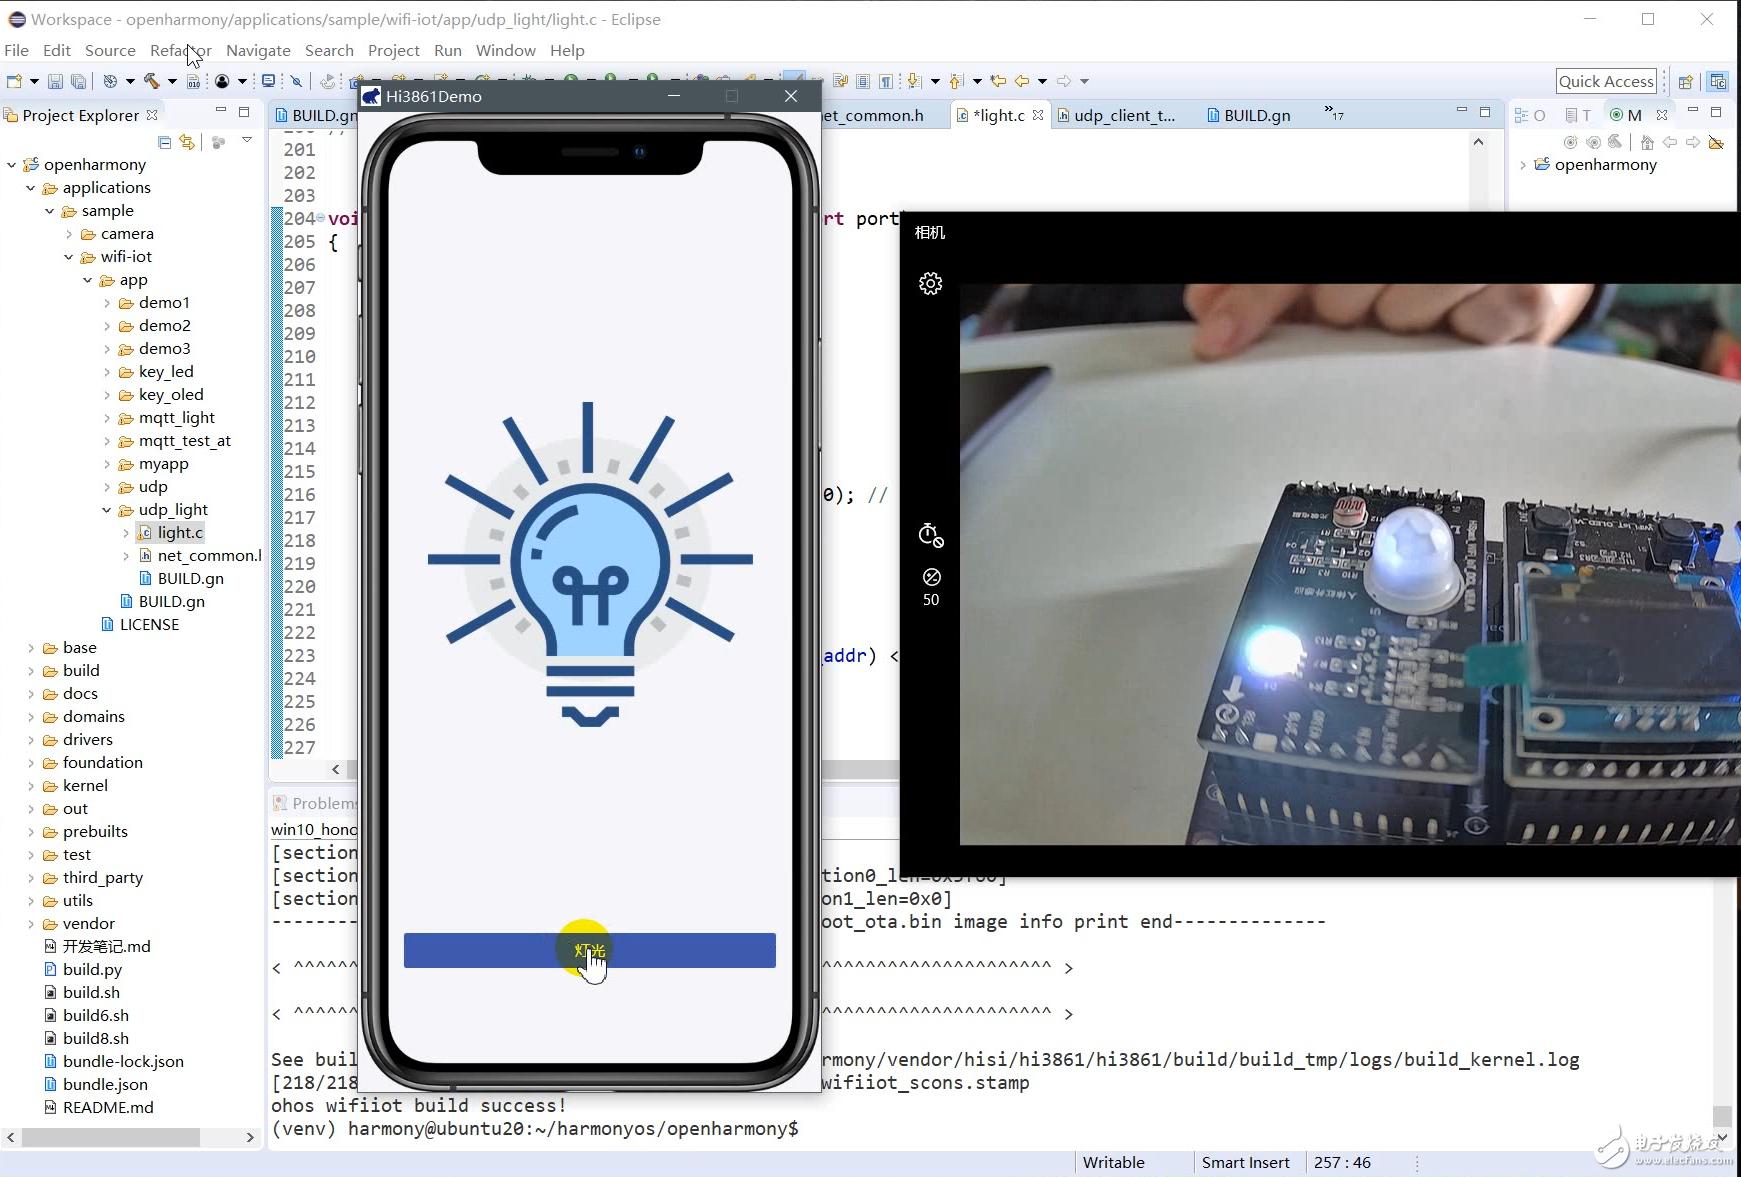 基于HiSpark_WiFi_IoT智能家居项目实战1-灯光控制UDP版本